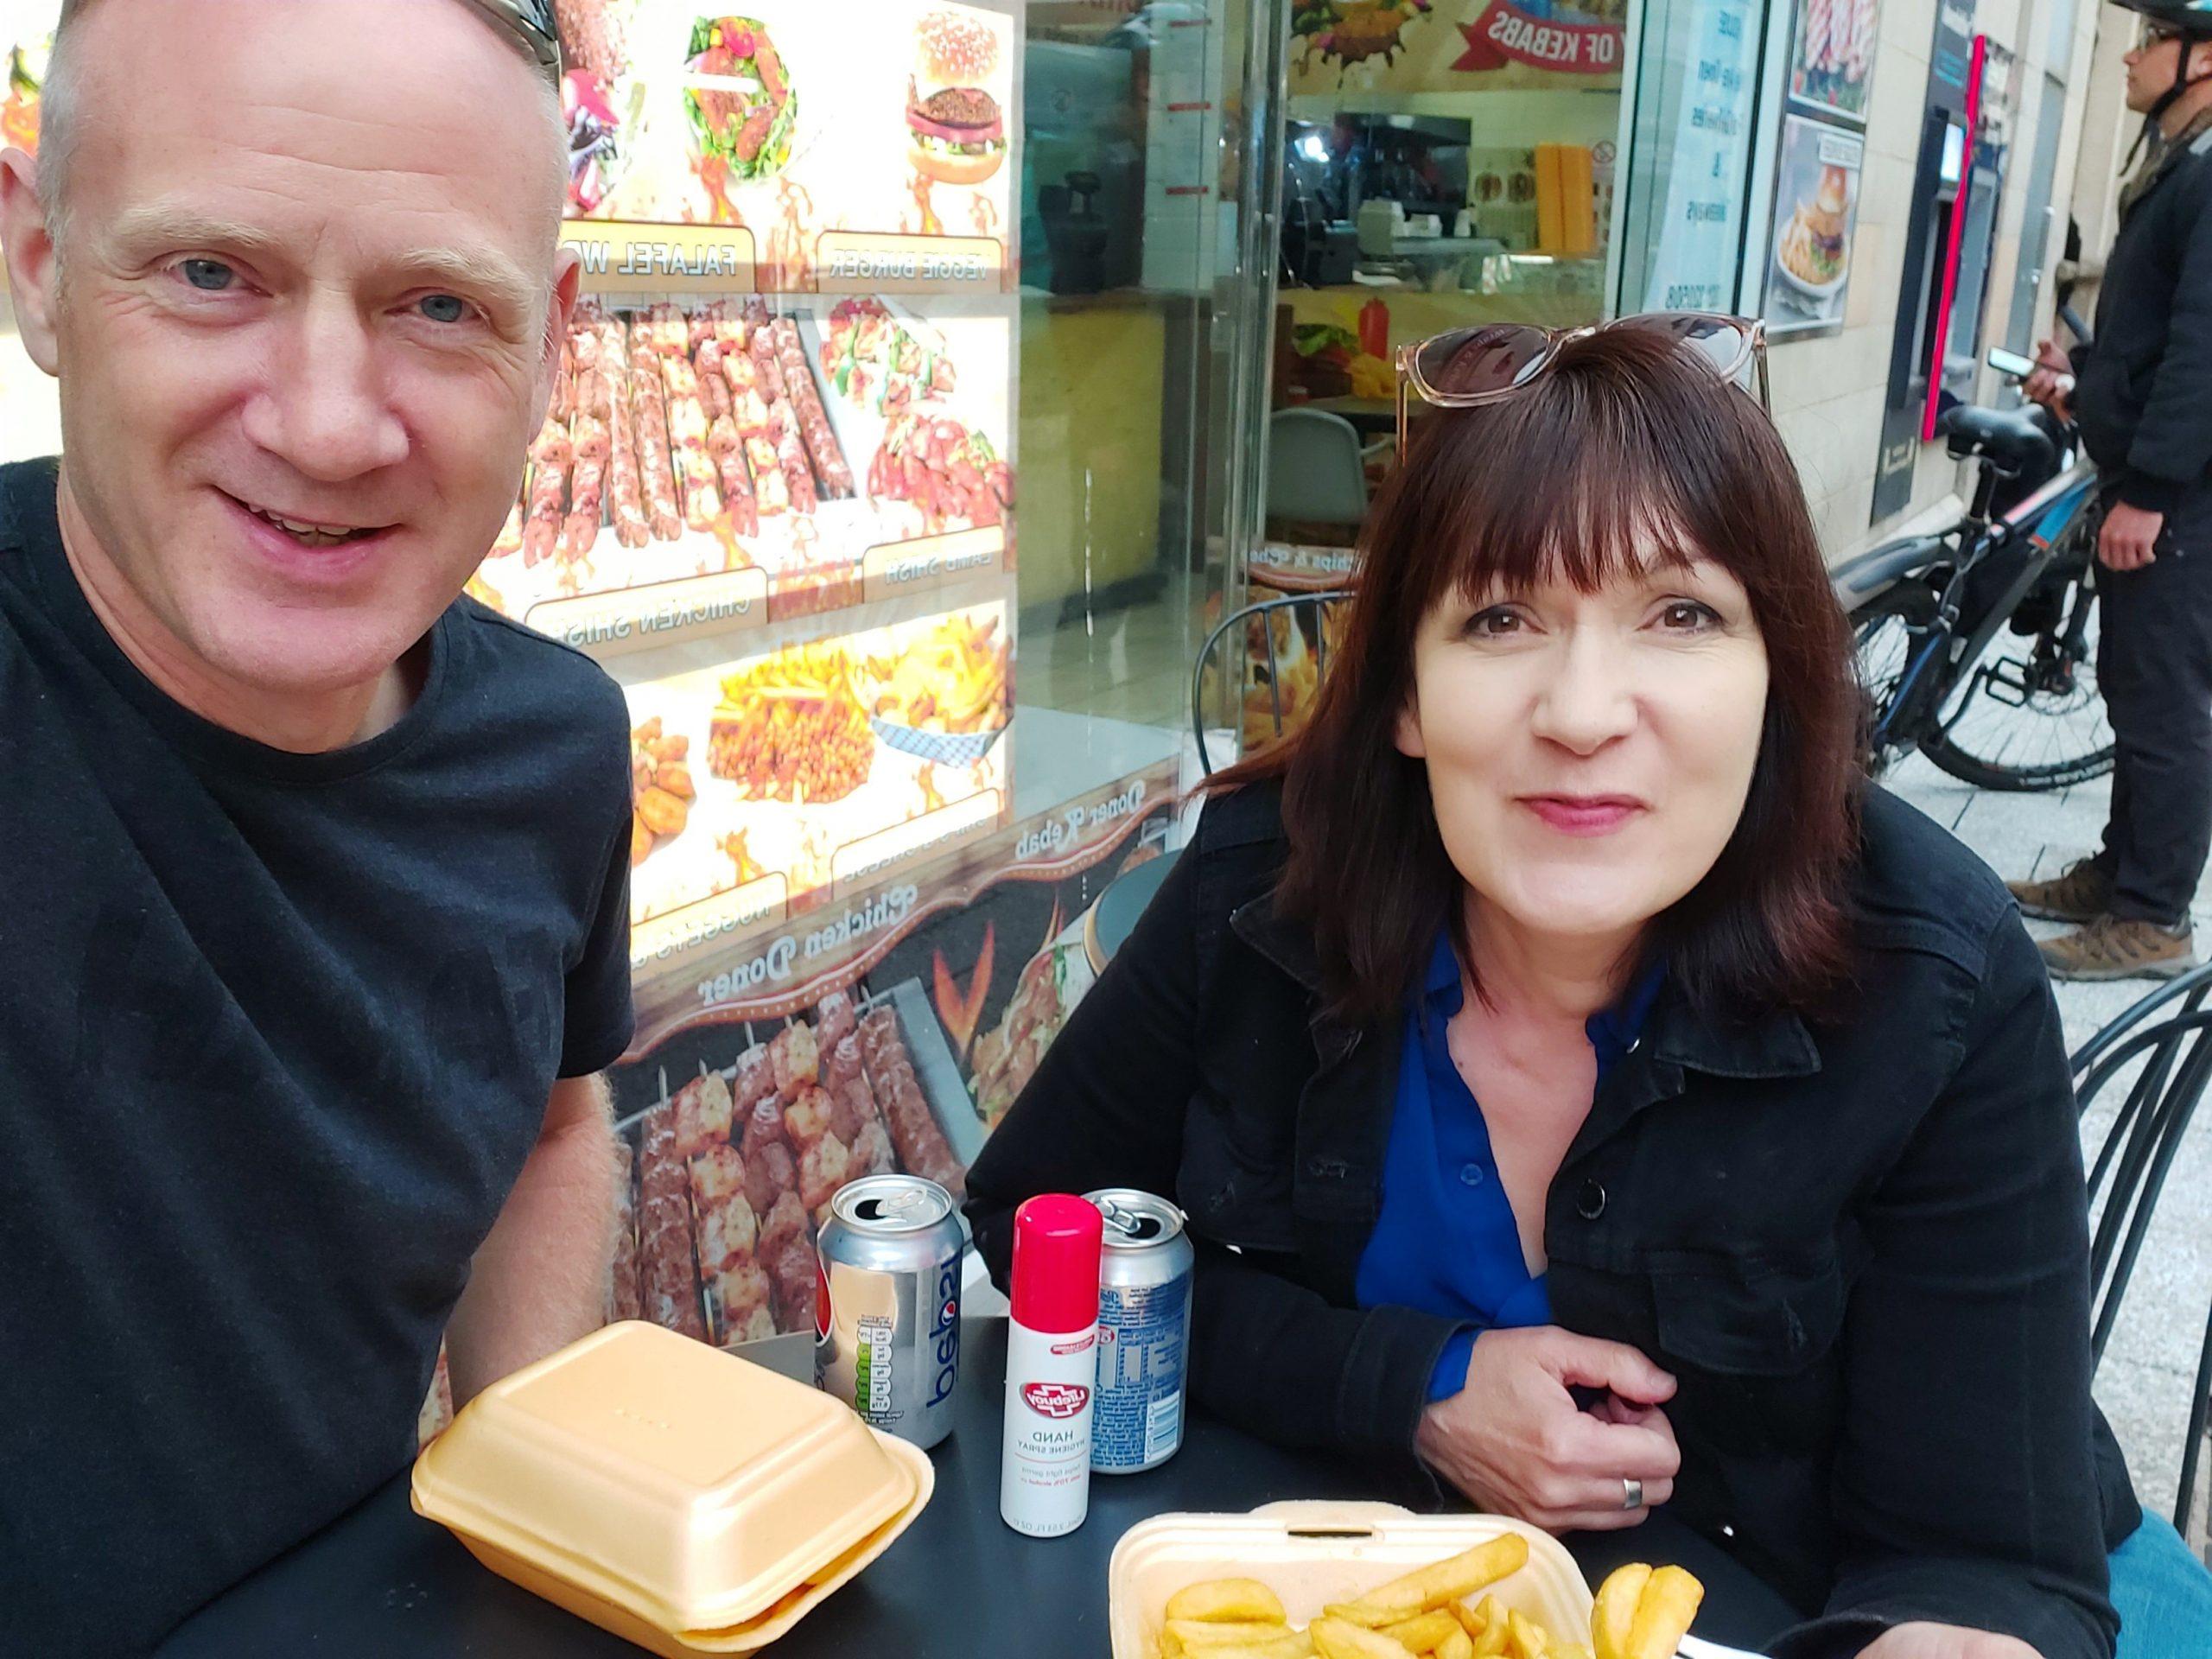 Scott and Liz